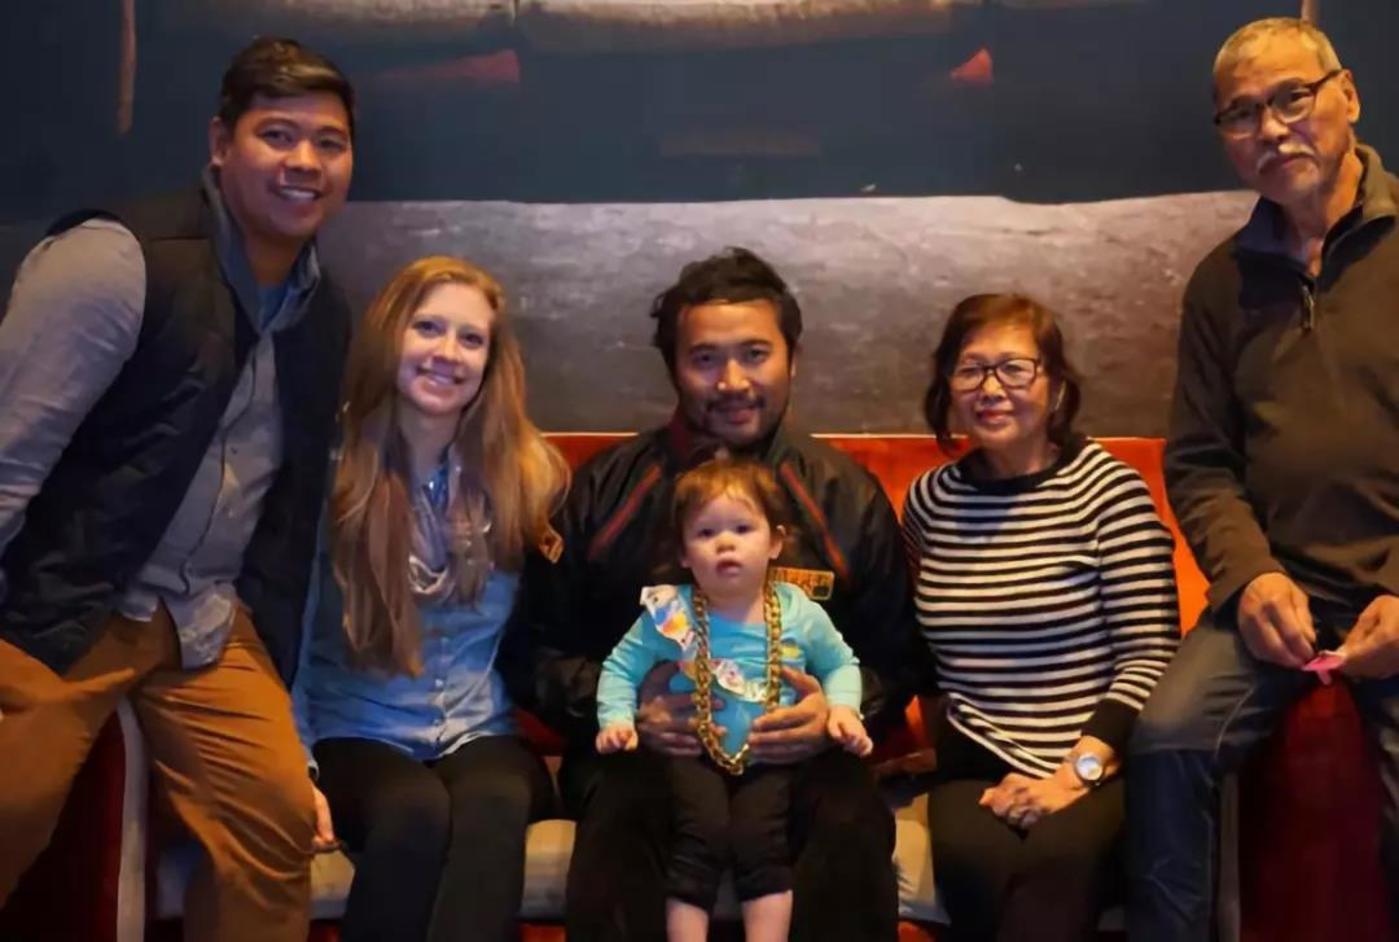 今年4月,安佐斯和家人在沃霍尔博物馆